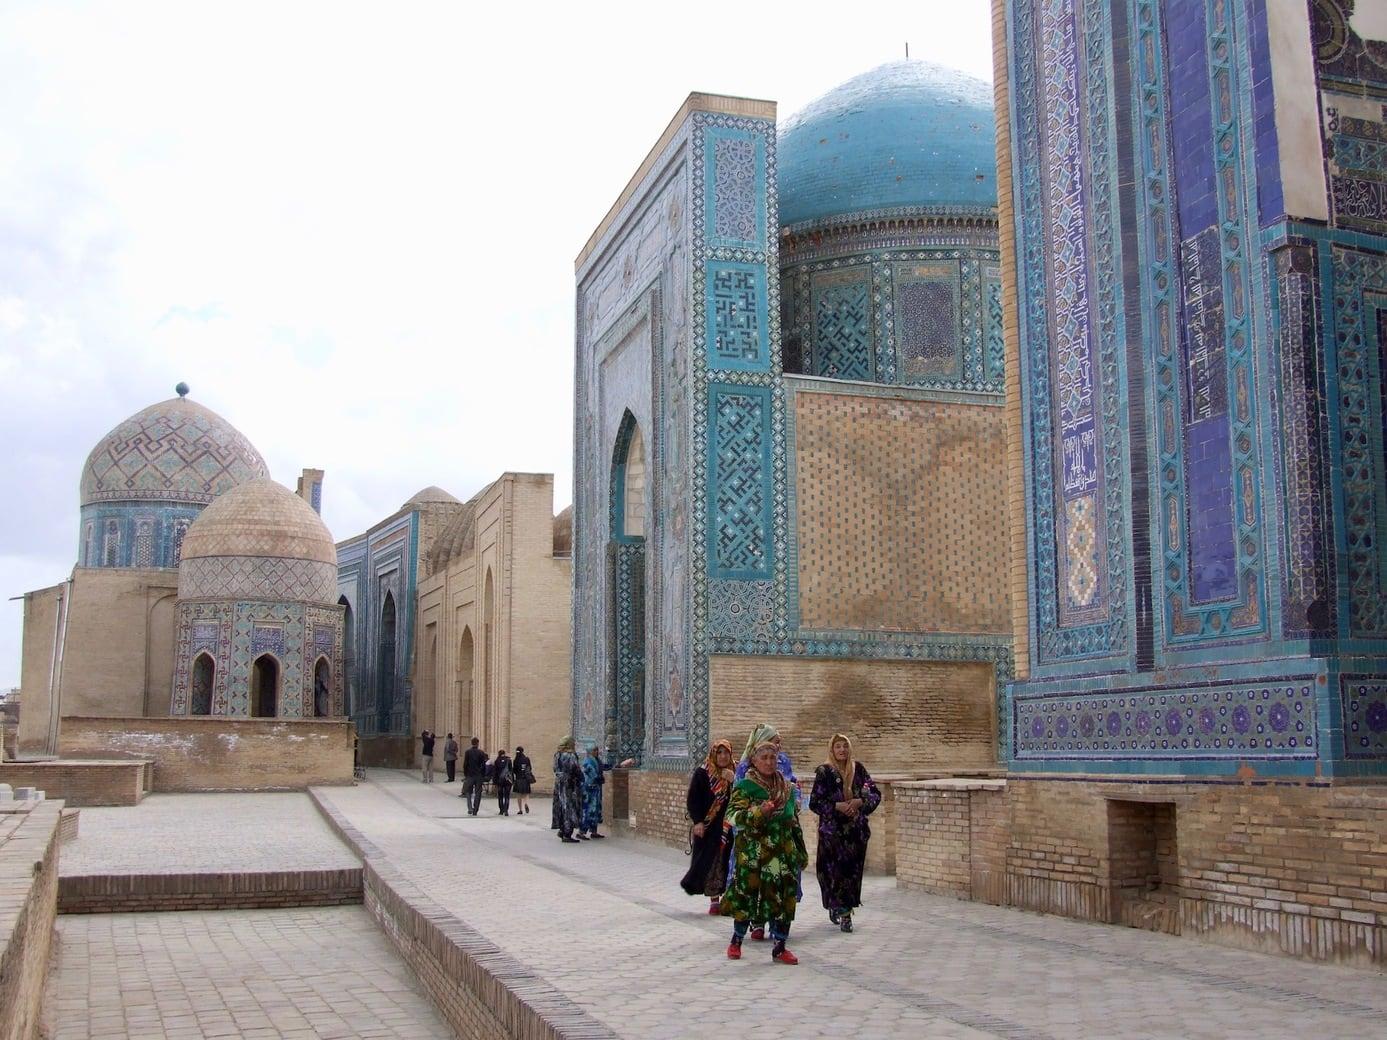 Shakhi Zinda complex in Samarkand